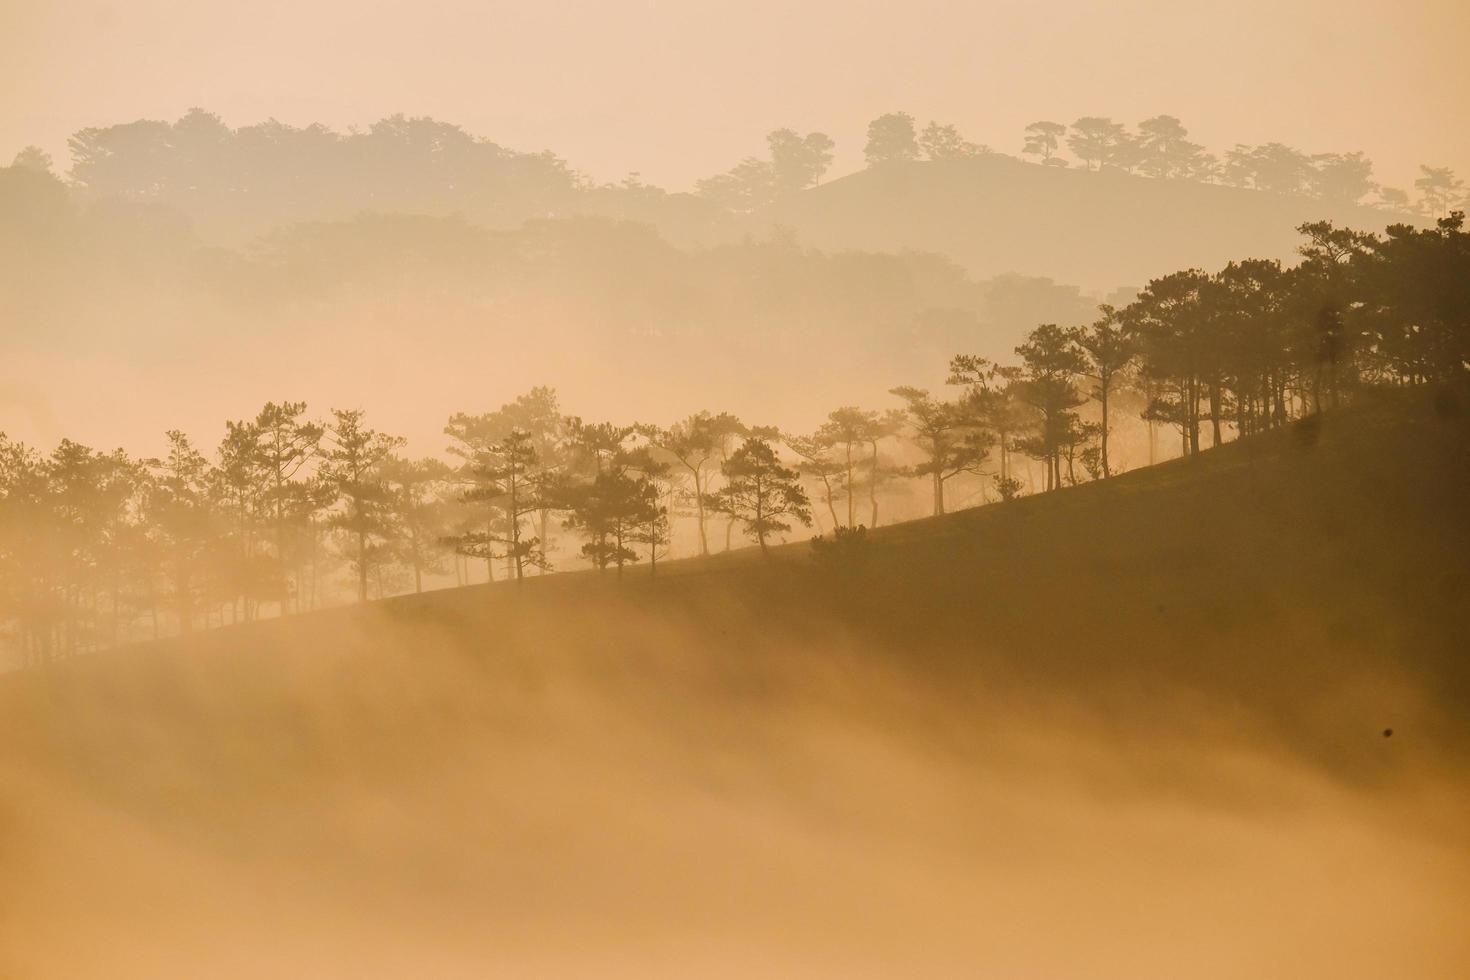 alberi e colline nella nebbia foto